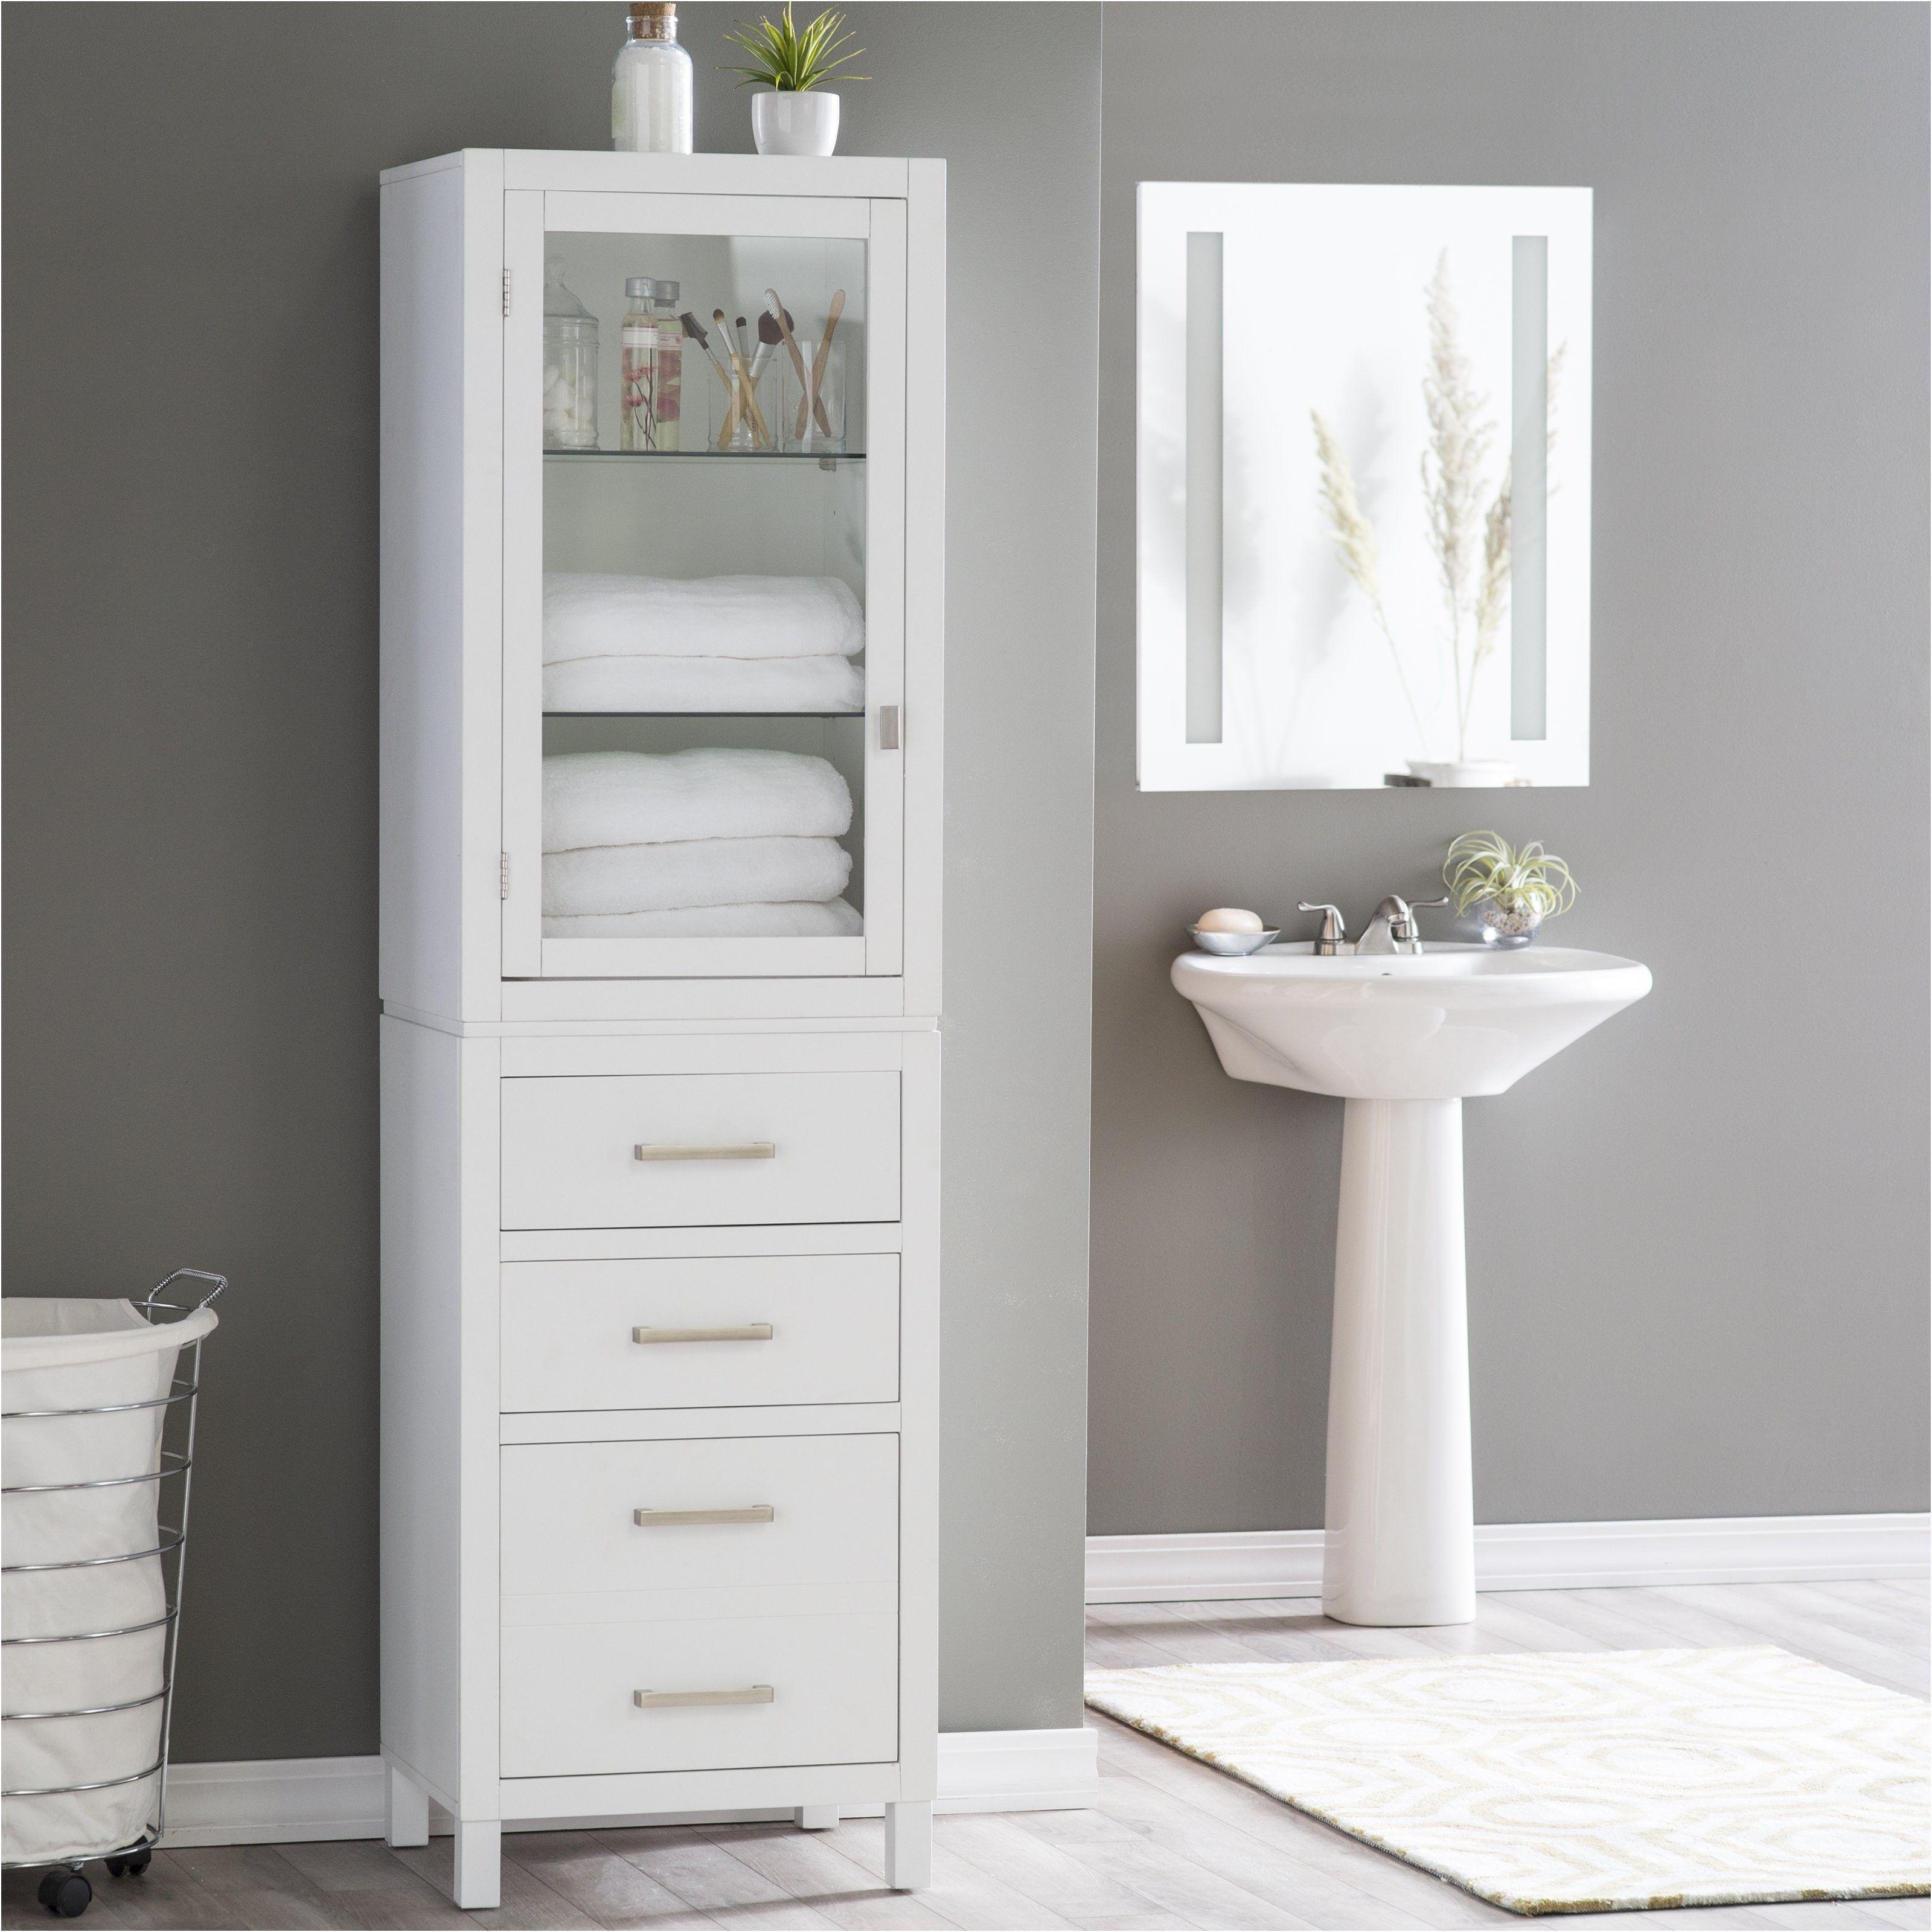 belham living longbourn bathroom floor cabinet floor cabinets from ...